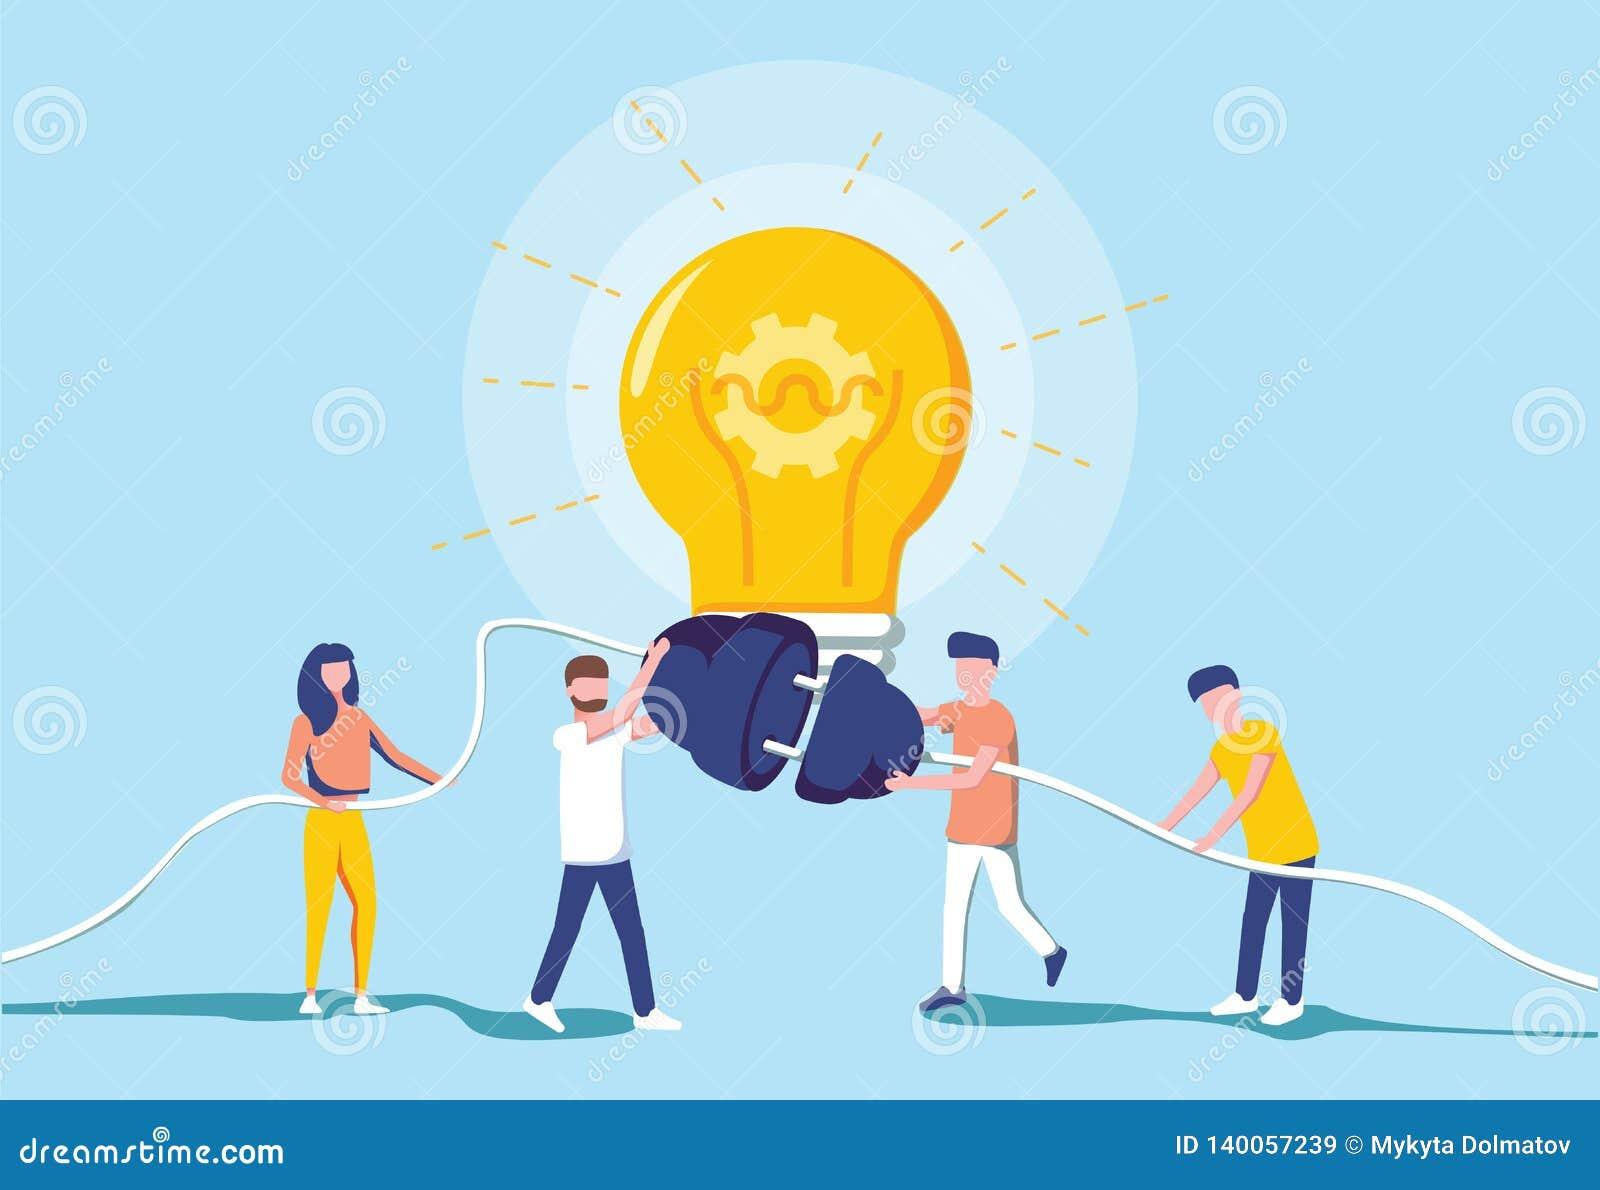 商人和产生一个大电灯泡的电力 想法一代 突发的灵感和配合合作